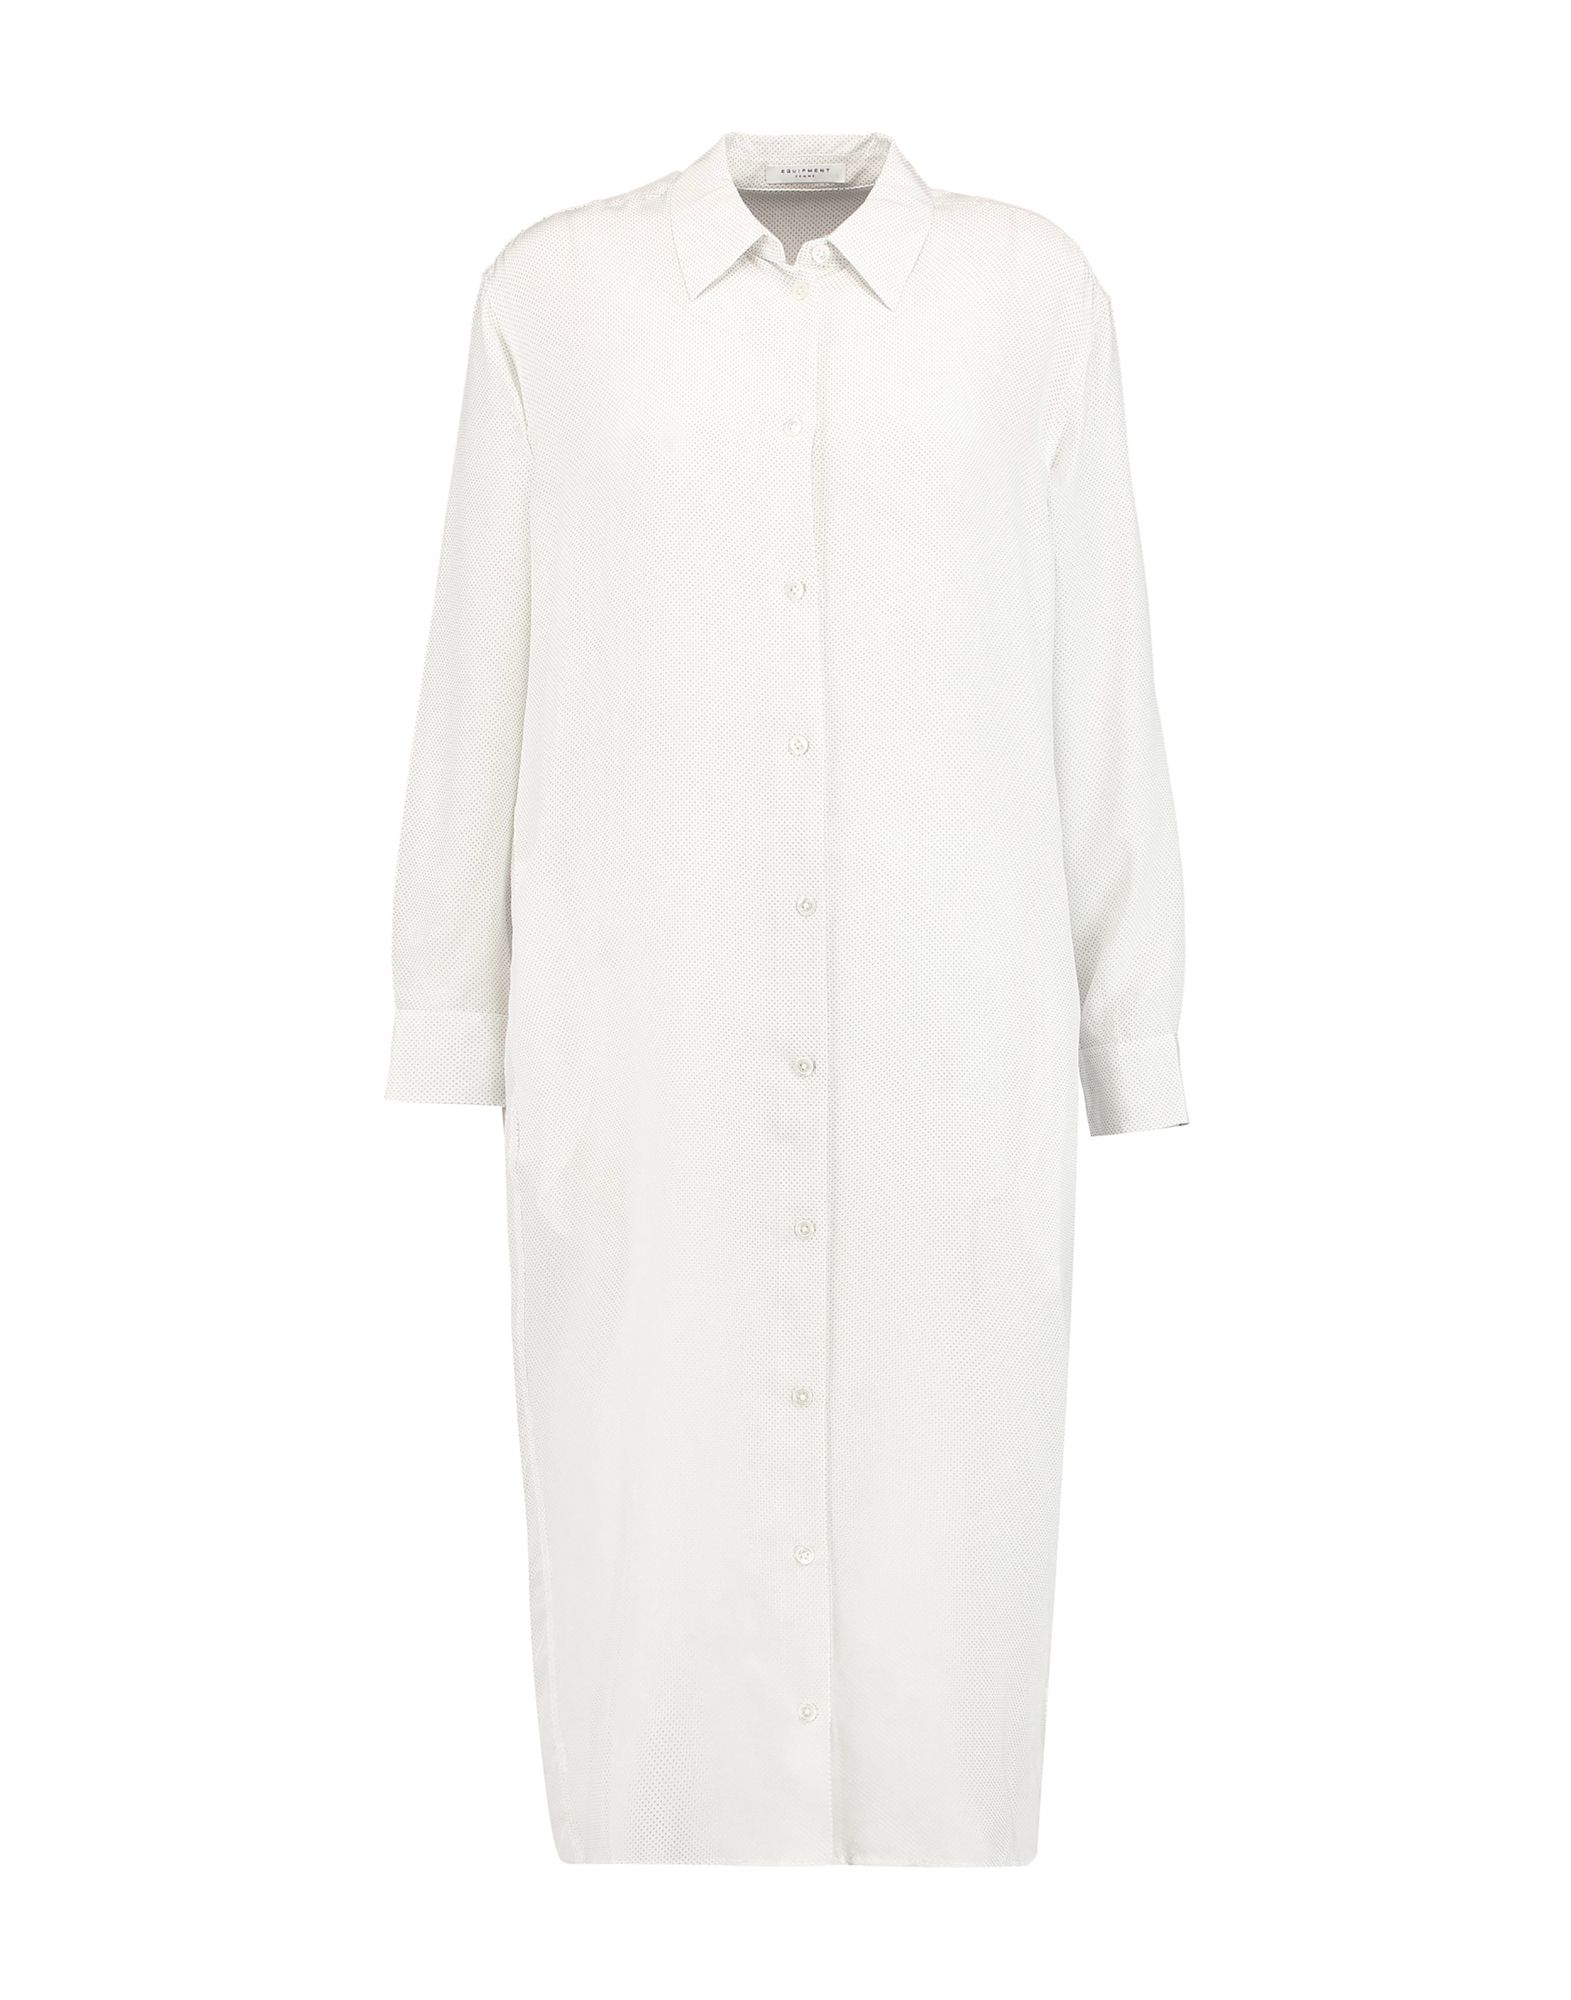 Фото - EQUIPMENT Платье длиной 3/4 платье комбинезон в горошек 1 мес 3 года